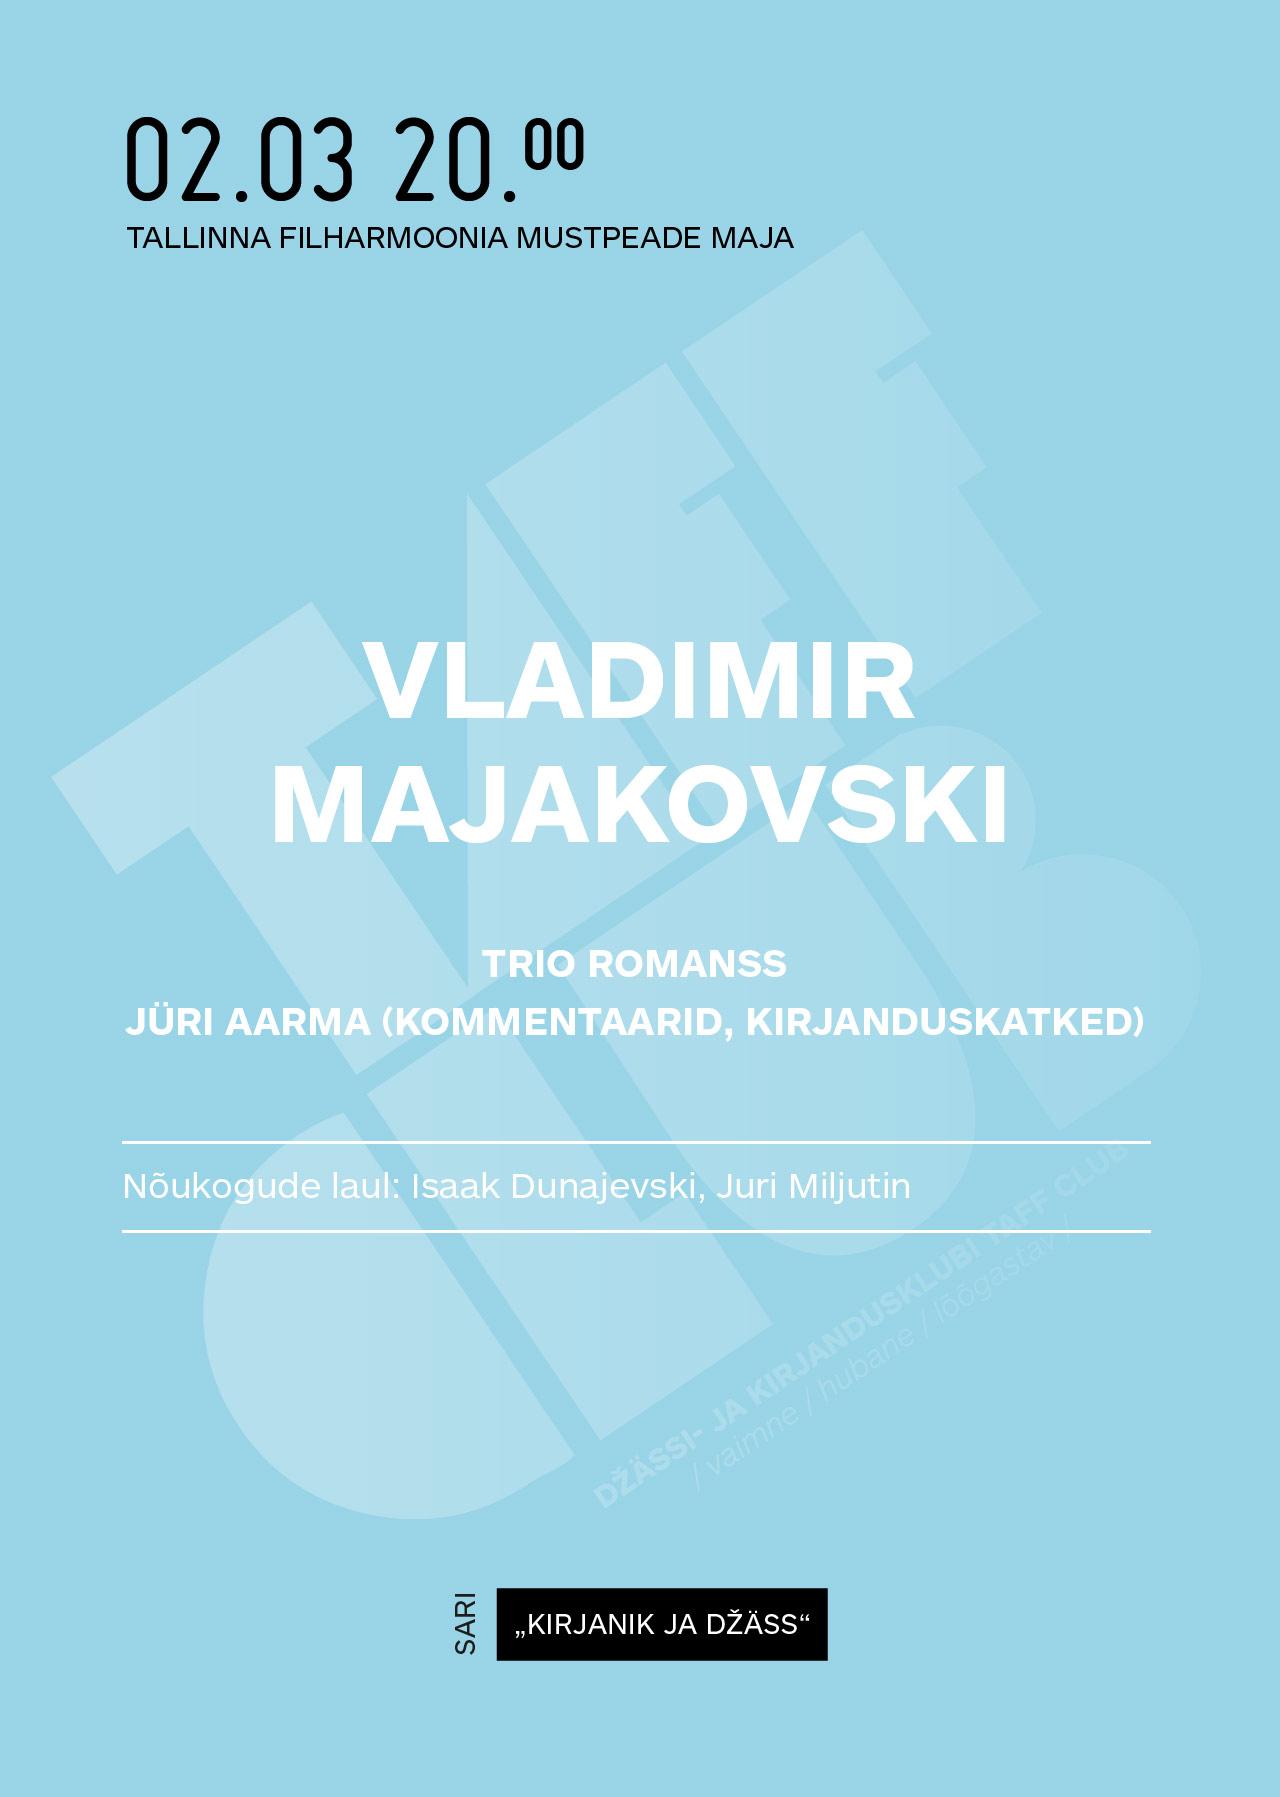 KIRJANIK JA DŽÄSS. Vladimir Majakovski